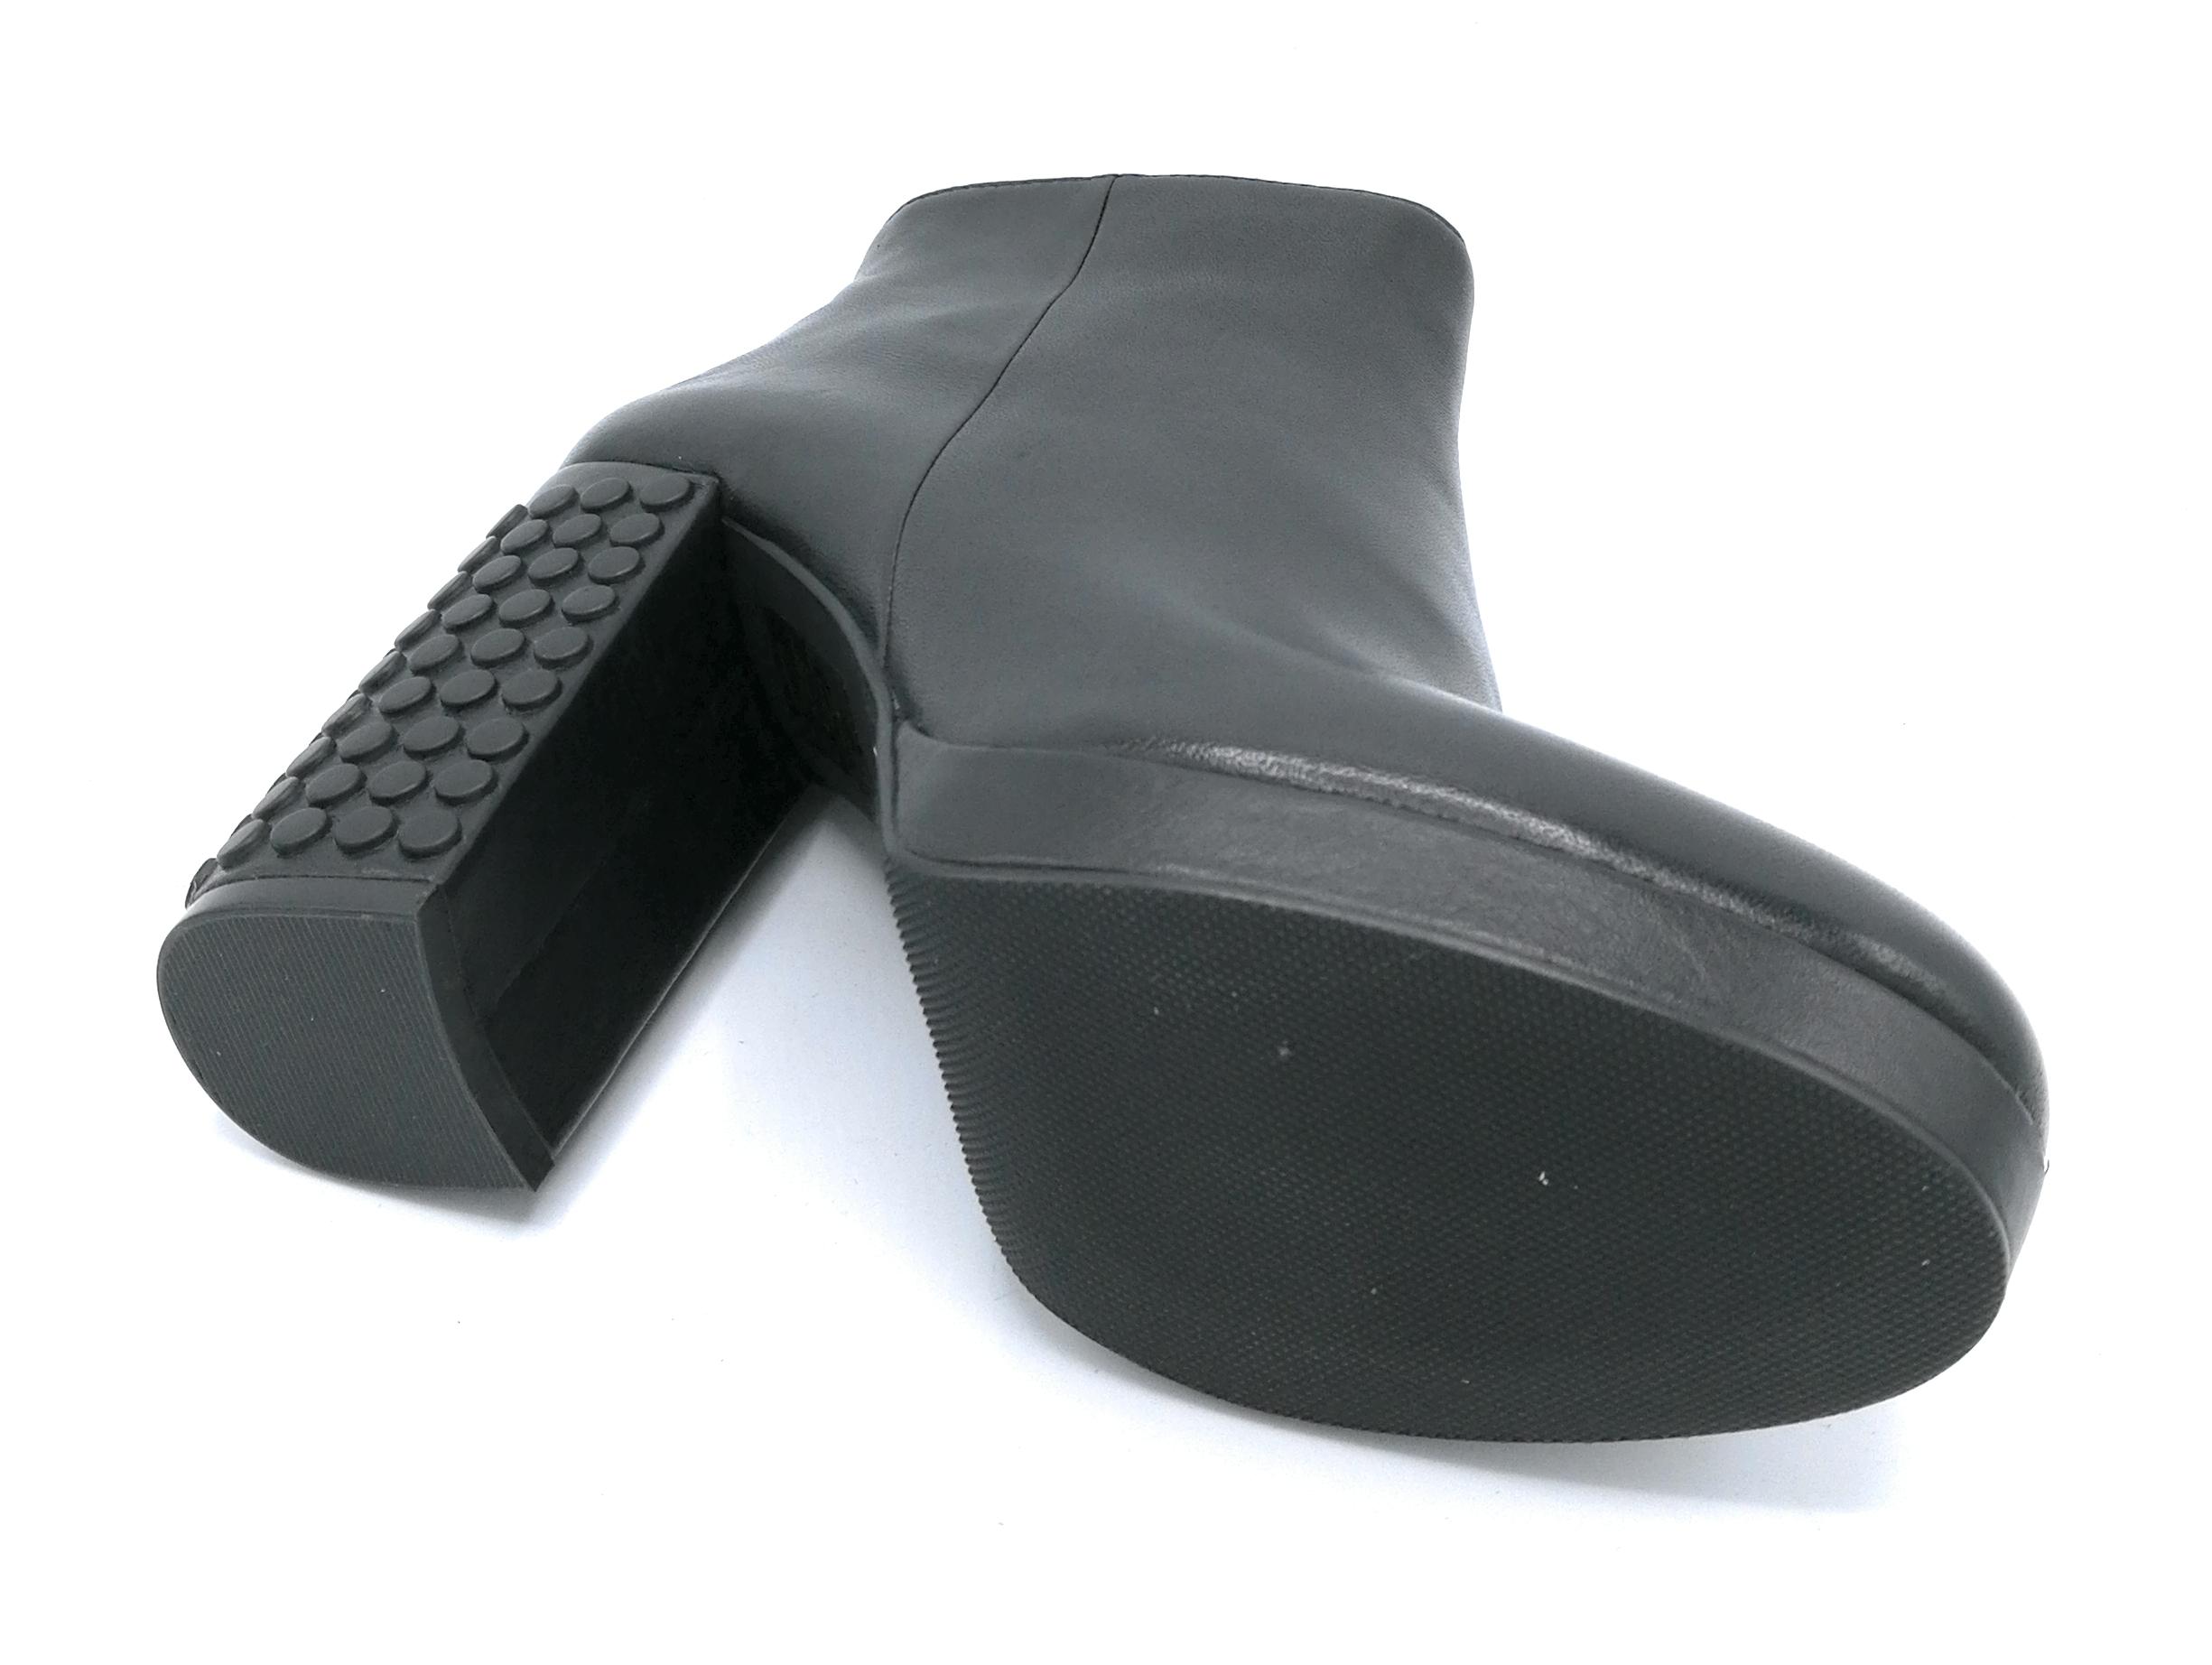 Adele Dezotti S4000 stivaletto plateau nappa nero cerniera tacco 10cm 10cm tacco 5a49f4